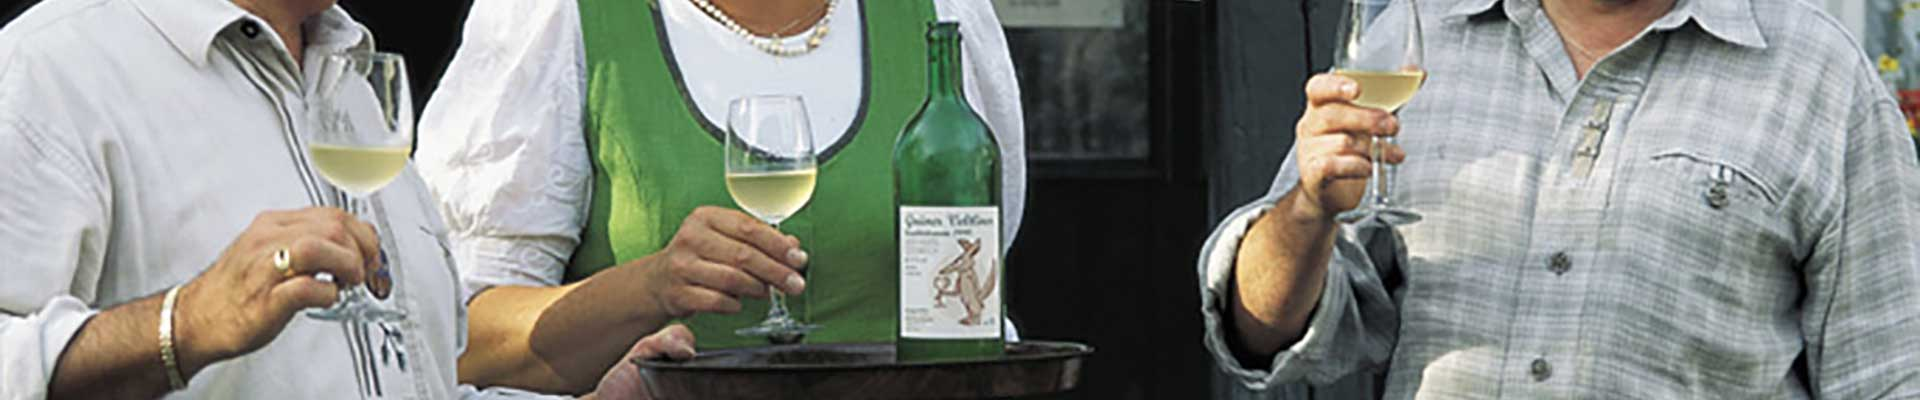 Heurigen und Wein verkosten - Gastronomie im Schmidatal